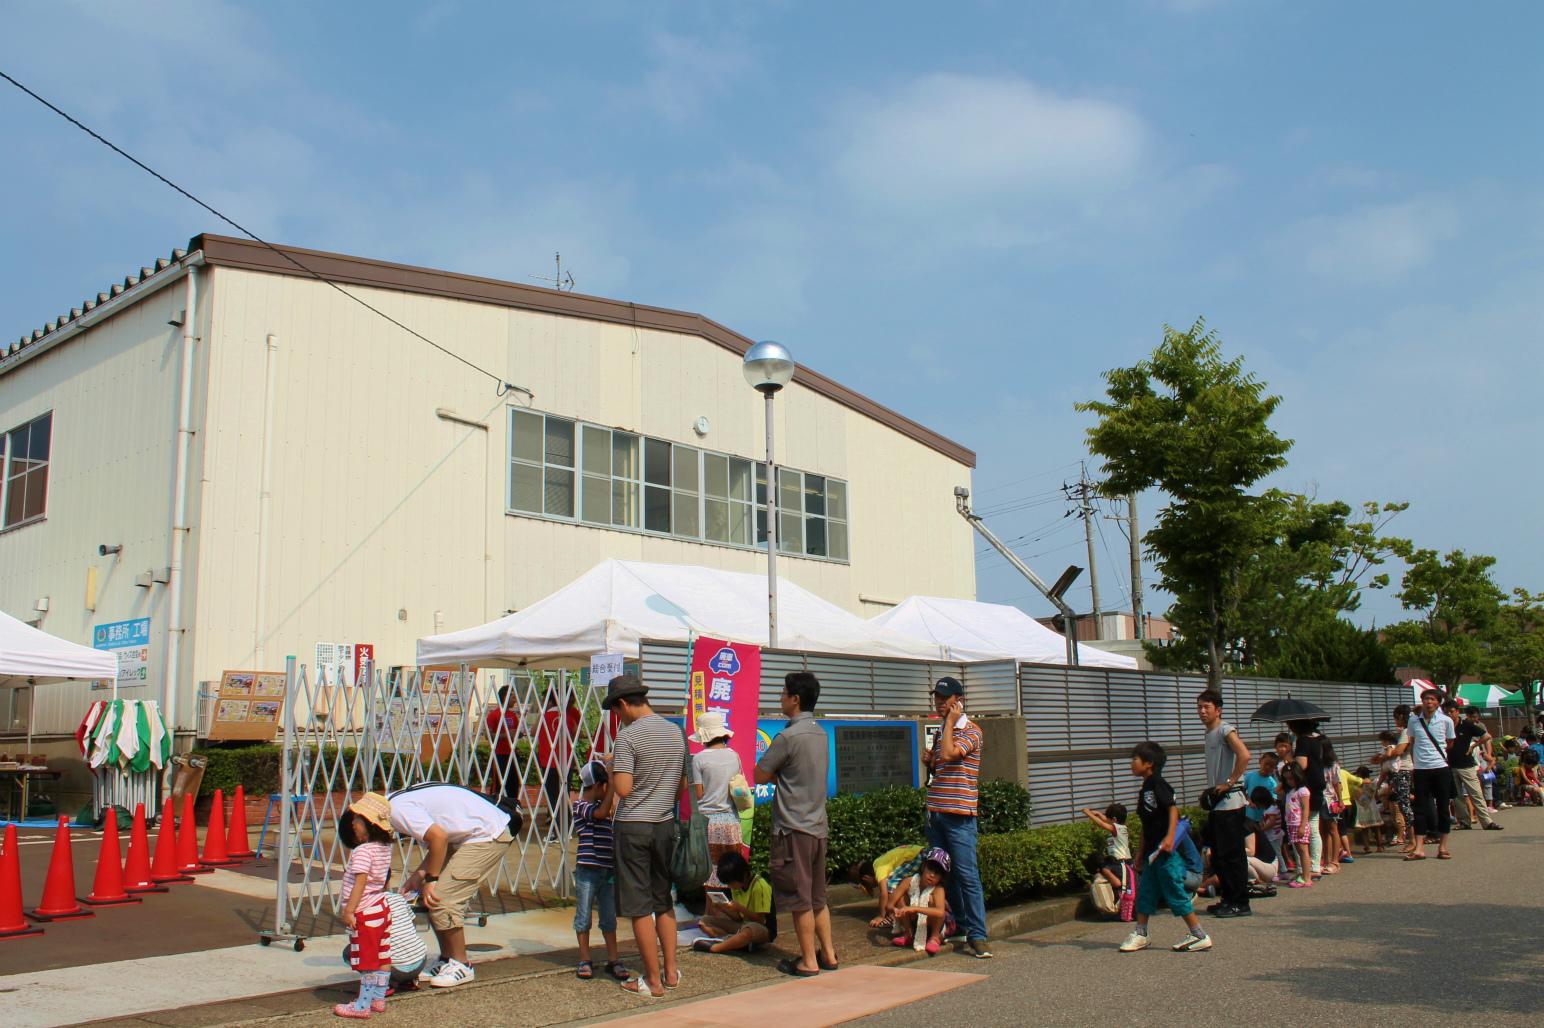 http://www.kaiho.co.jp/jp/news/img/sIMG_0194.jpg